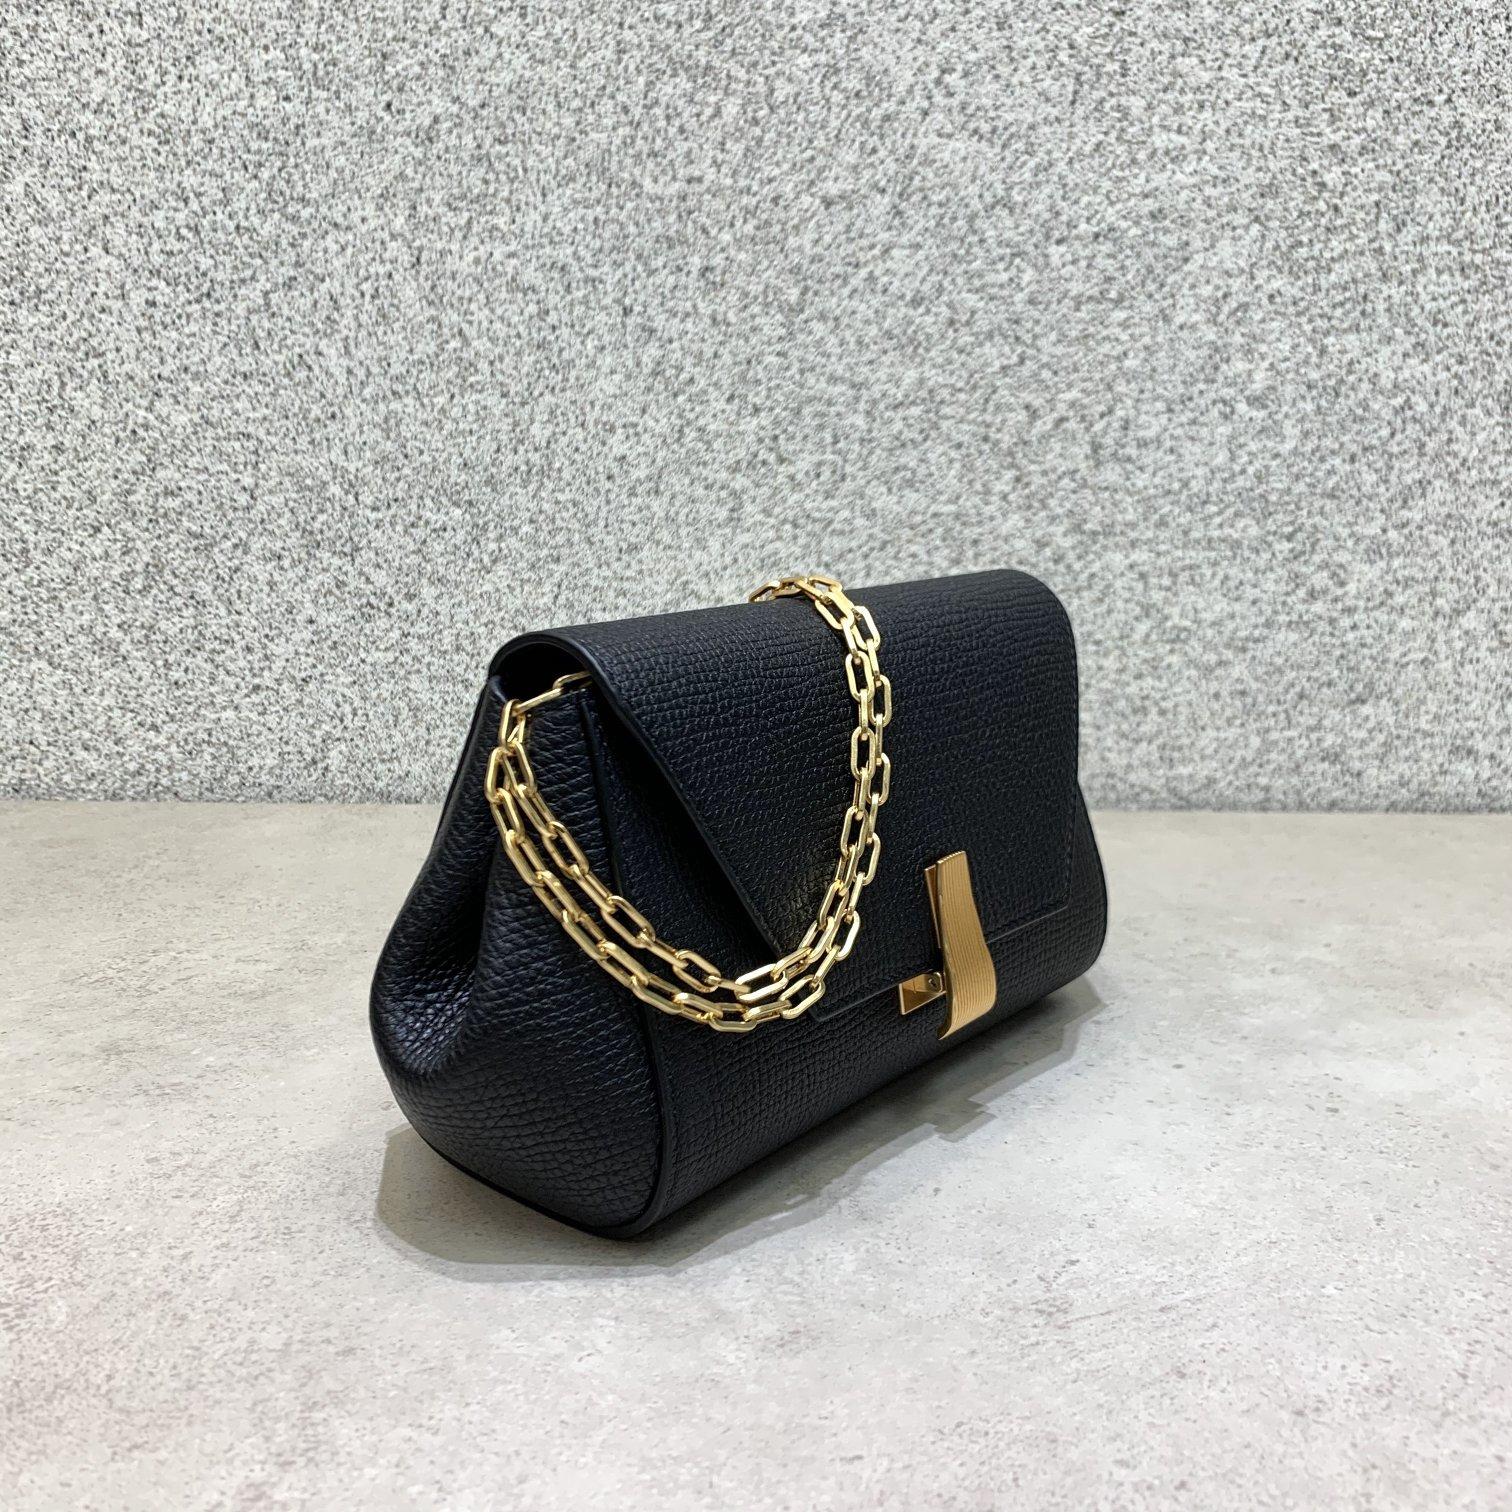 BV Angle bag 新款mini Bottega Venetaangle bag系列(图7)